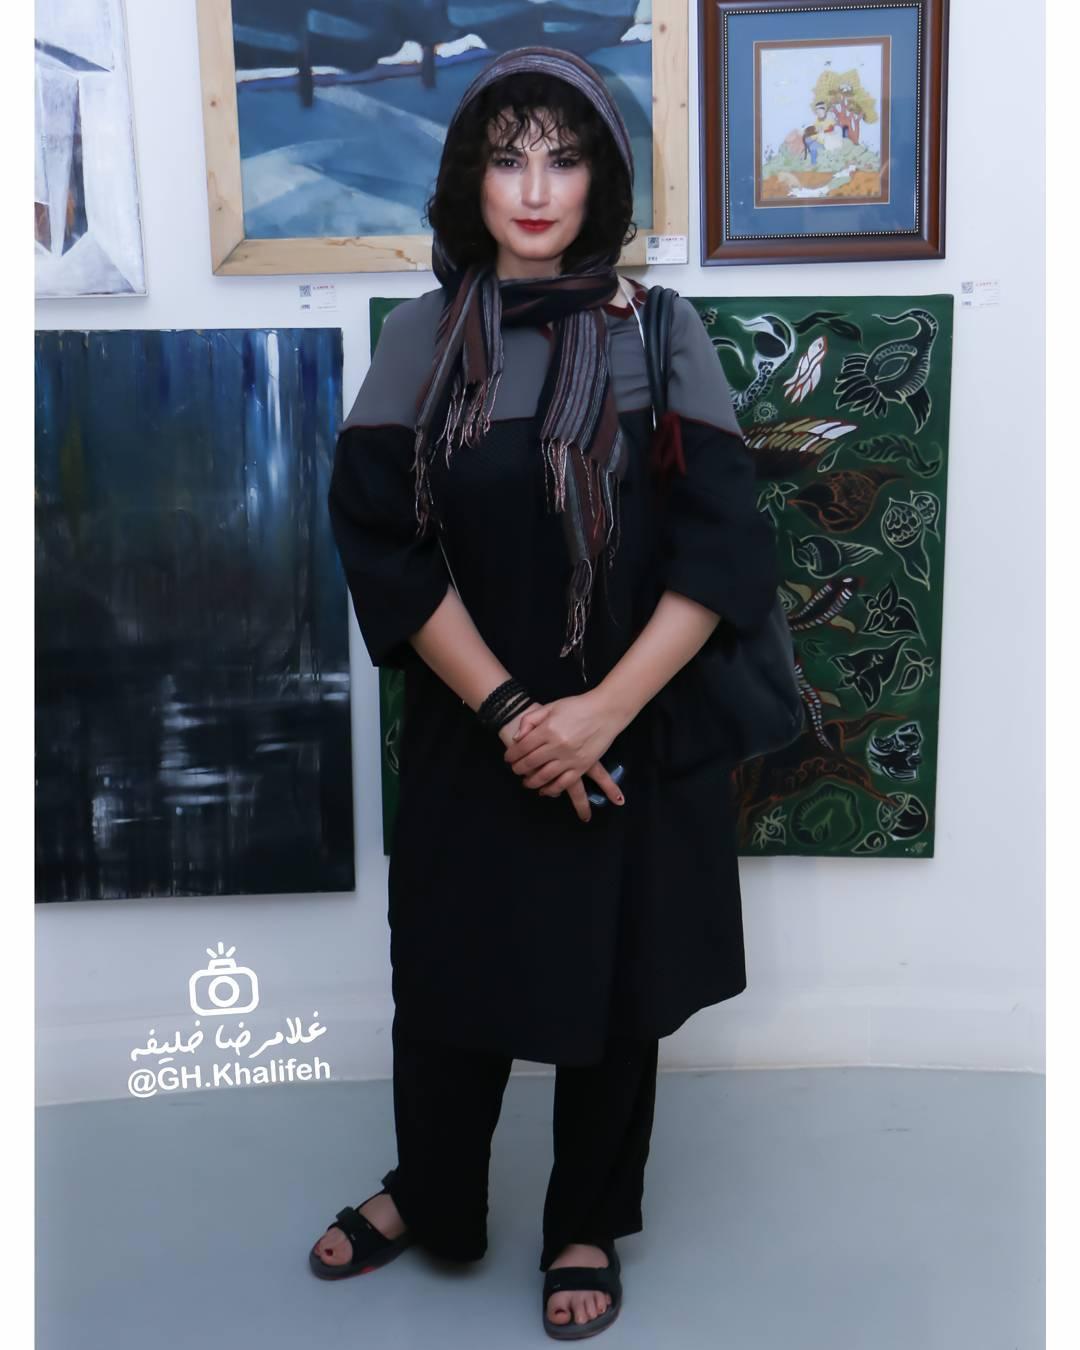 دومین بازار آثار هنری خانه هنرمندان